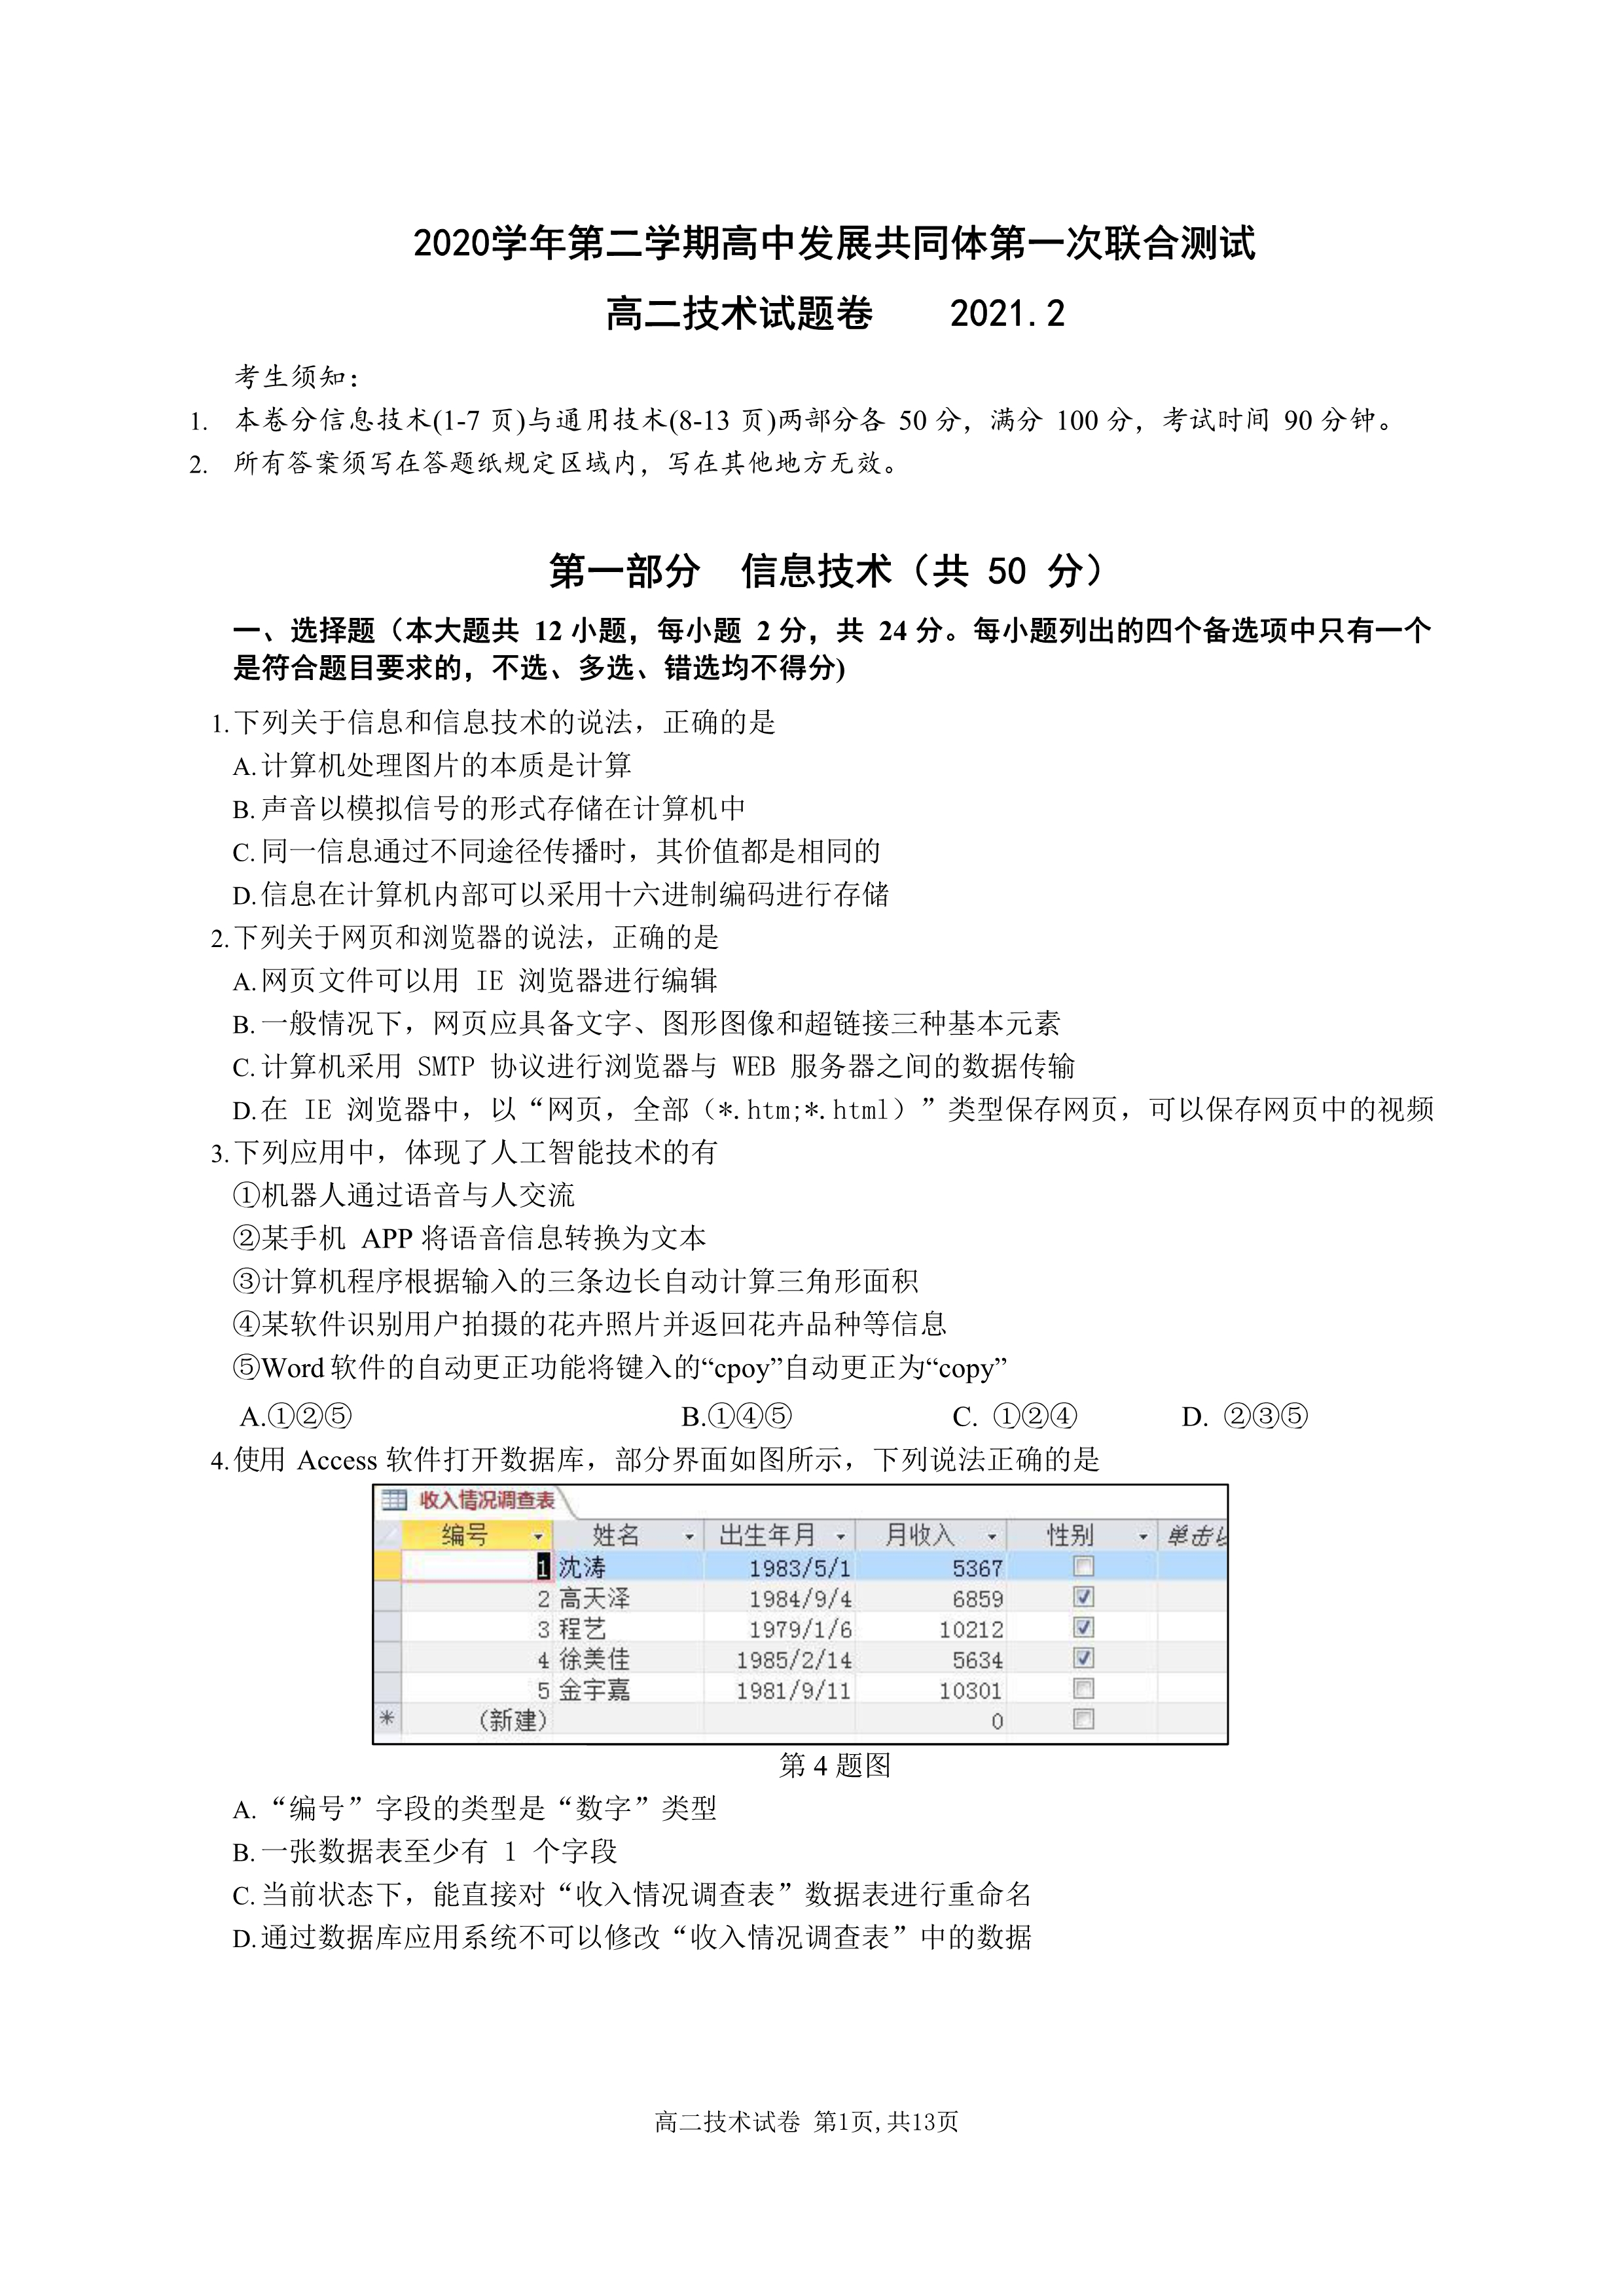 浙江省普通高中强基联盟协作体2021届高三下学期5月统测技术试题 图片版含答案